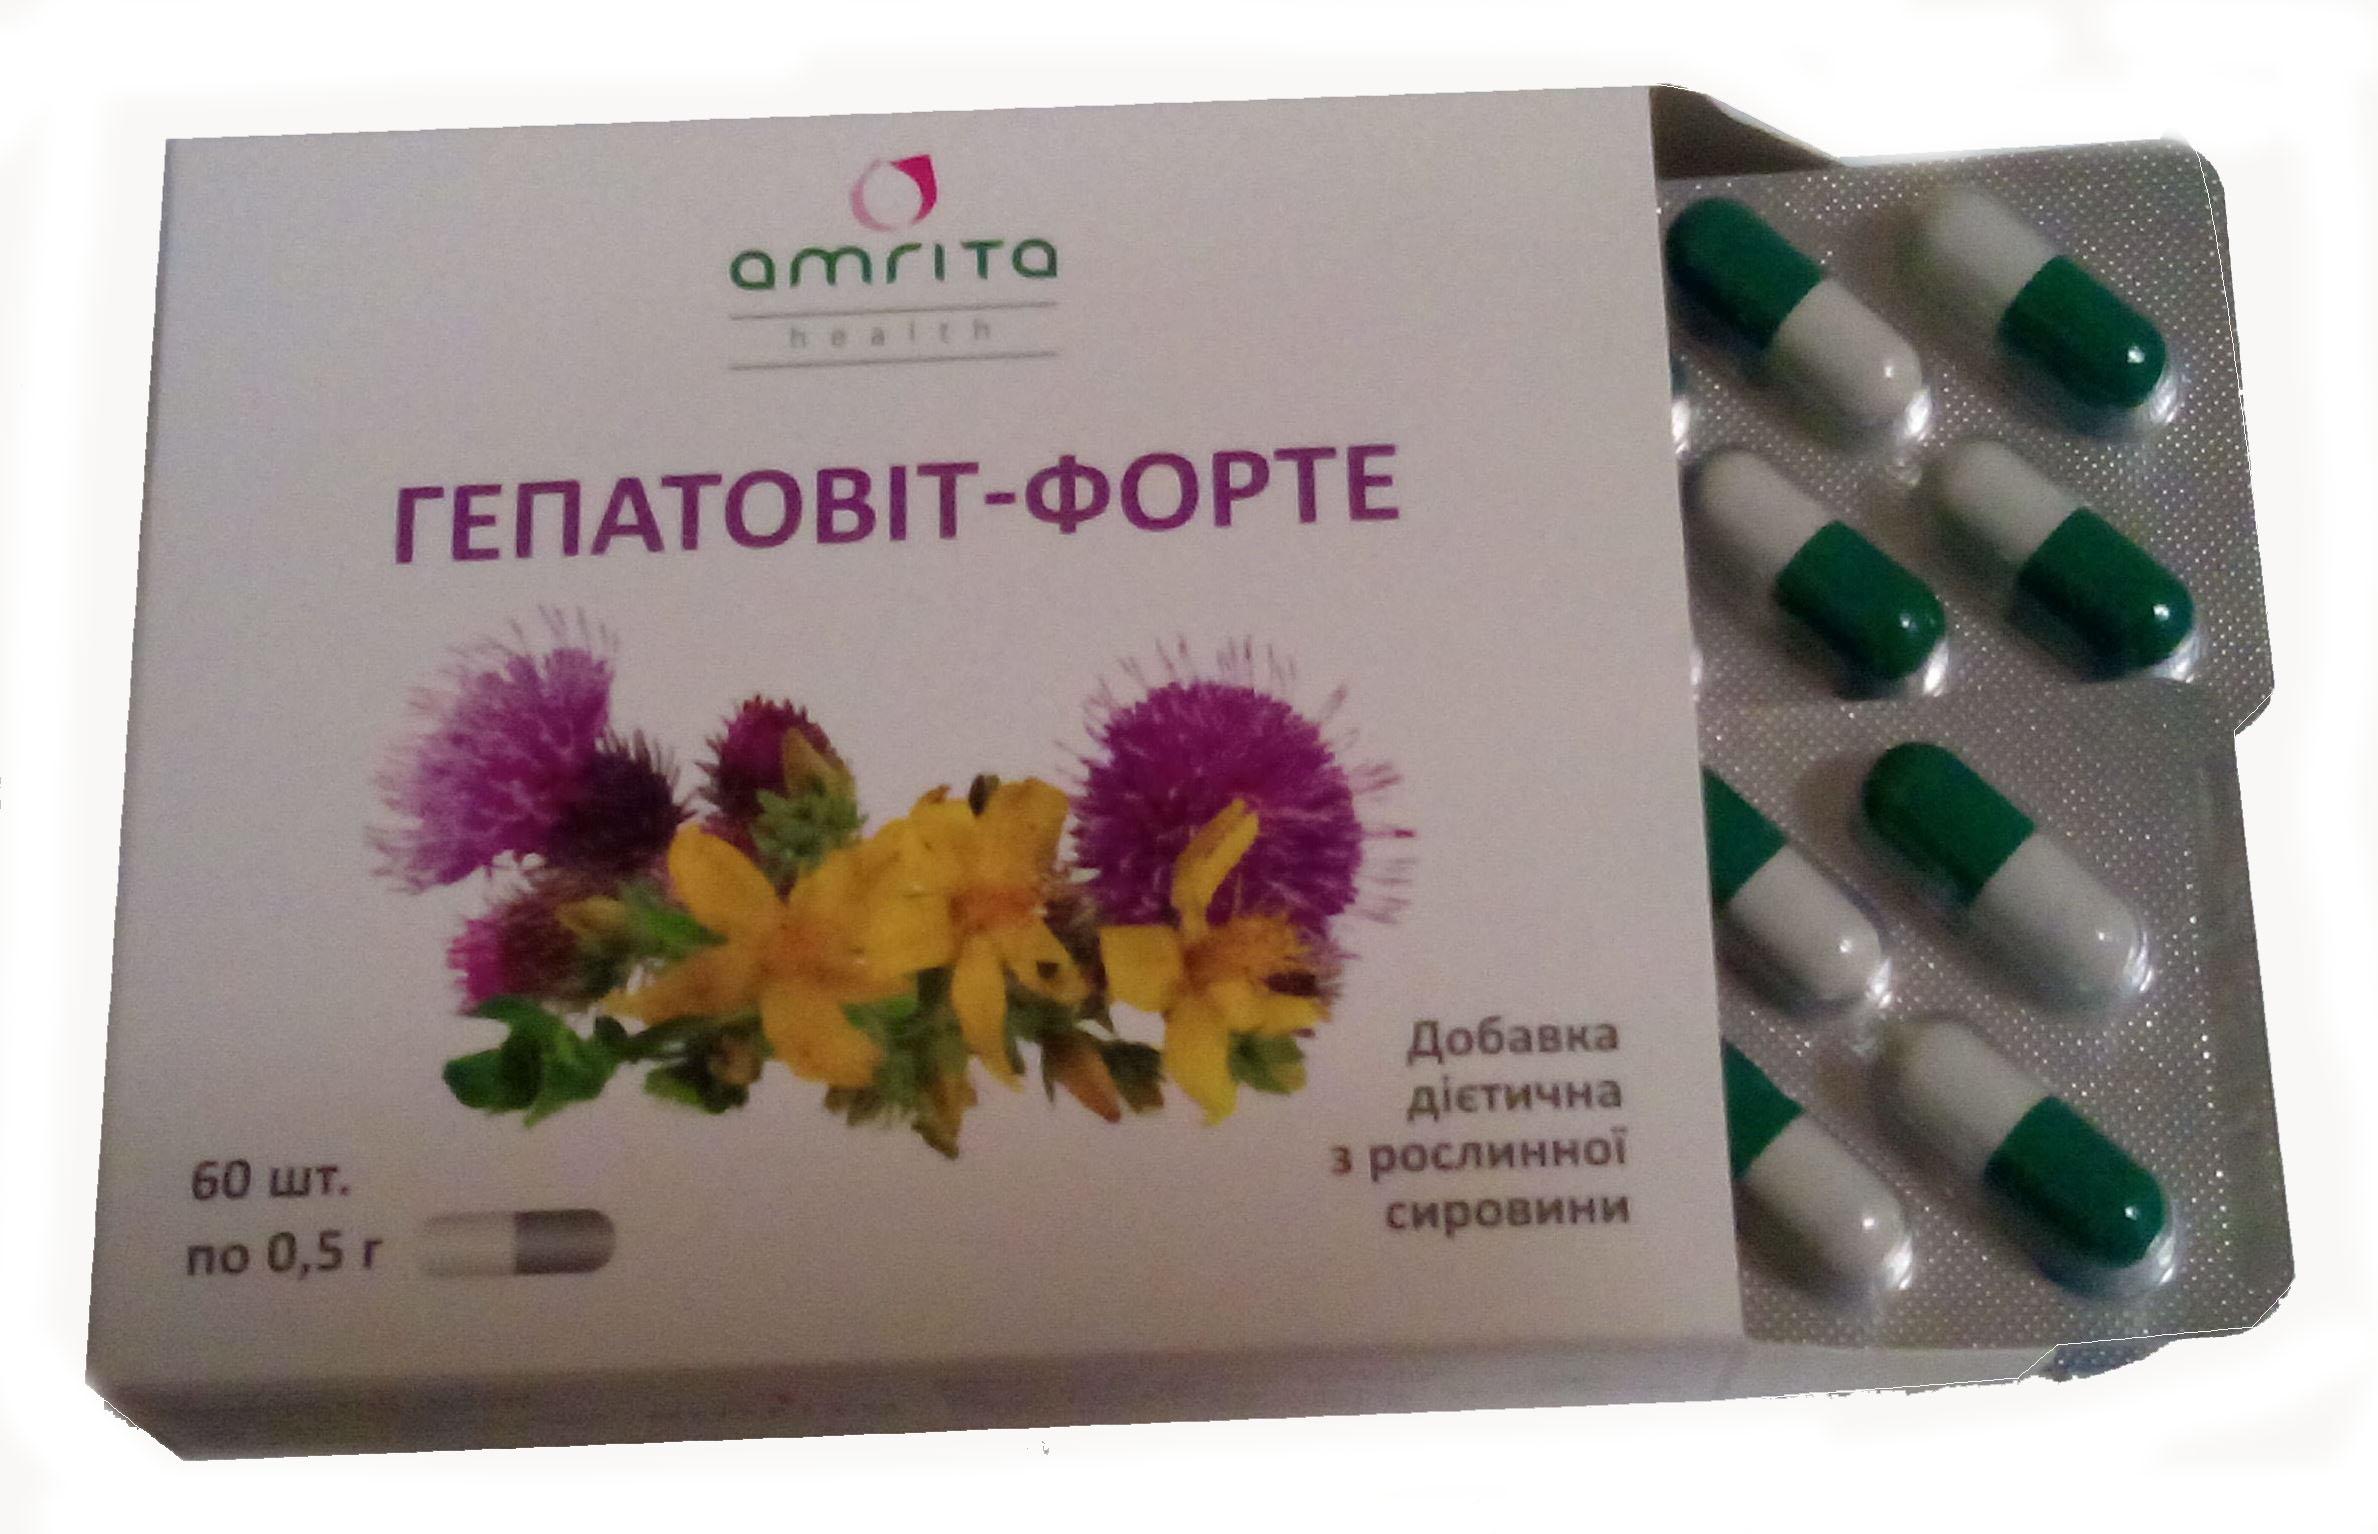 Препарати для відновлення печінки купити онлайн